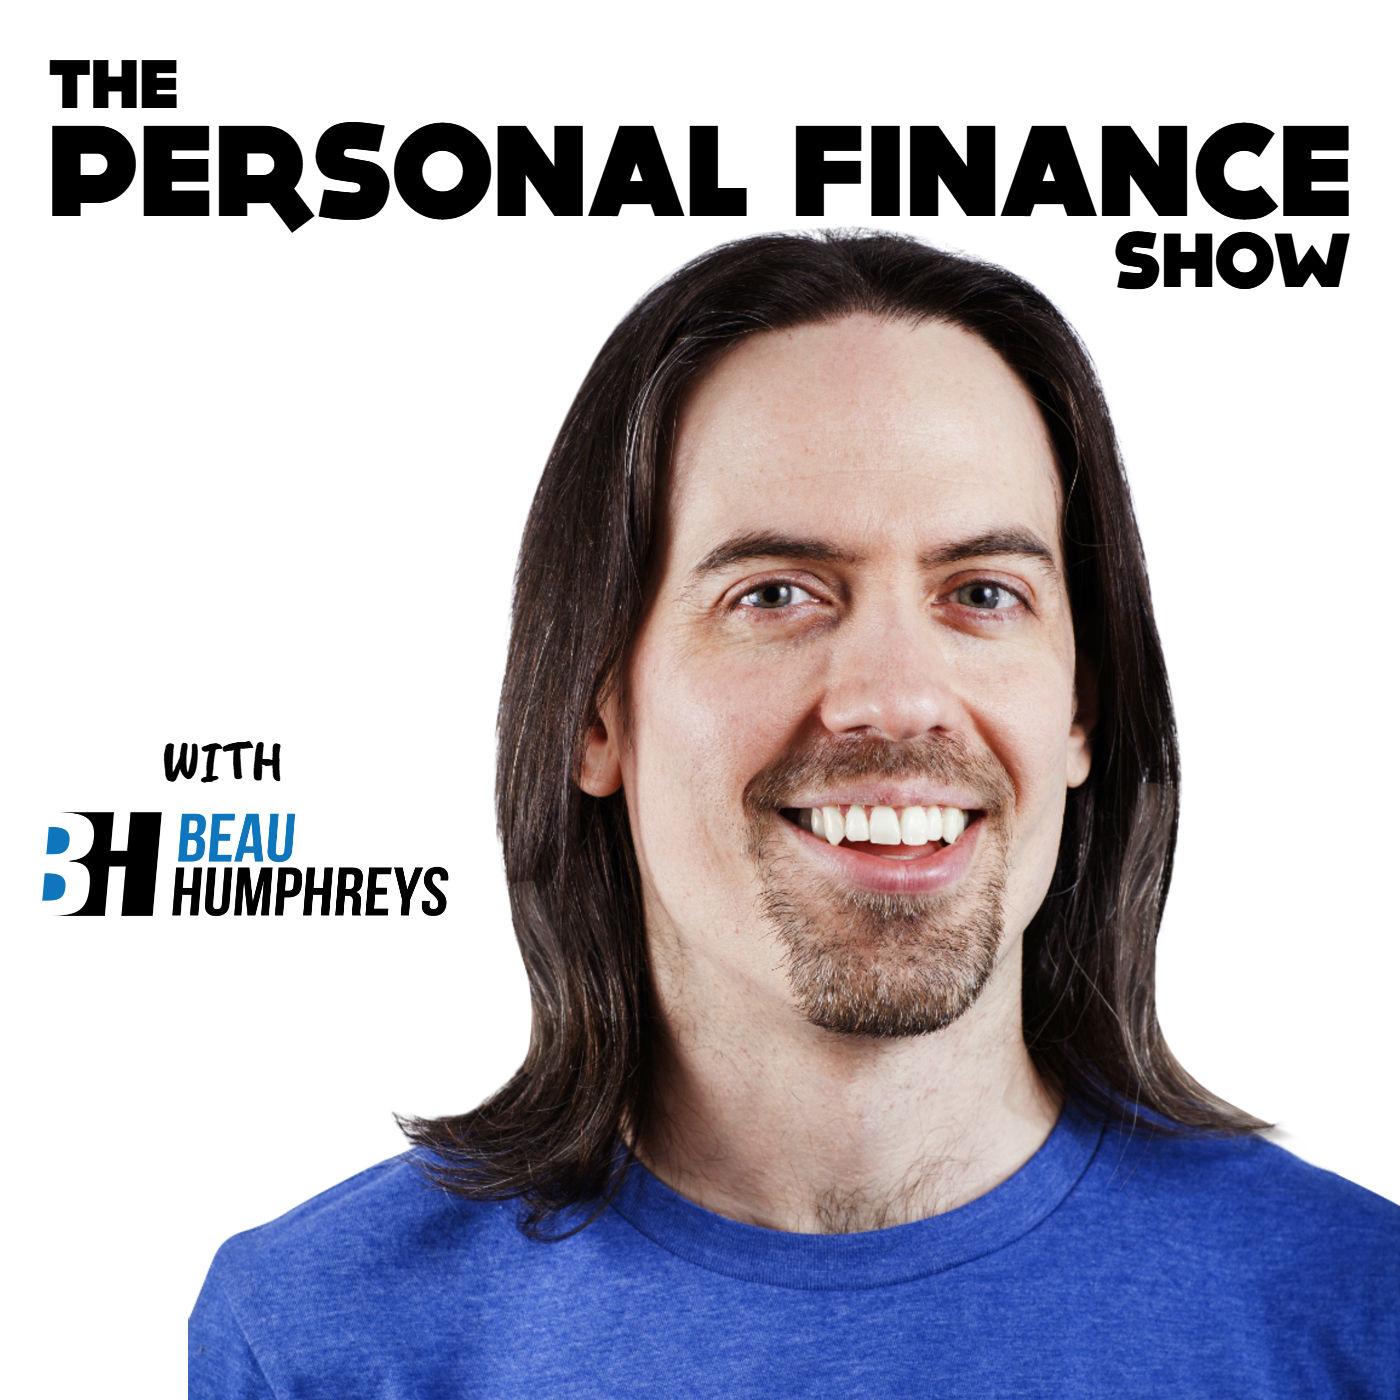 Personal Finance Show - Beau Humphreys